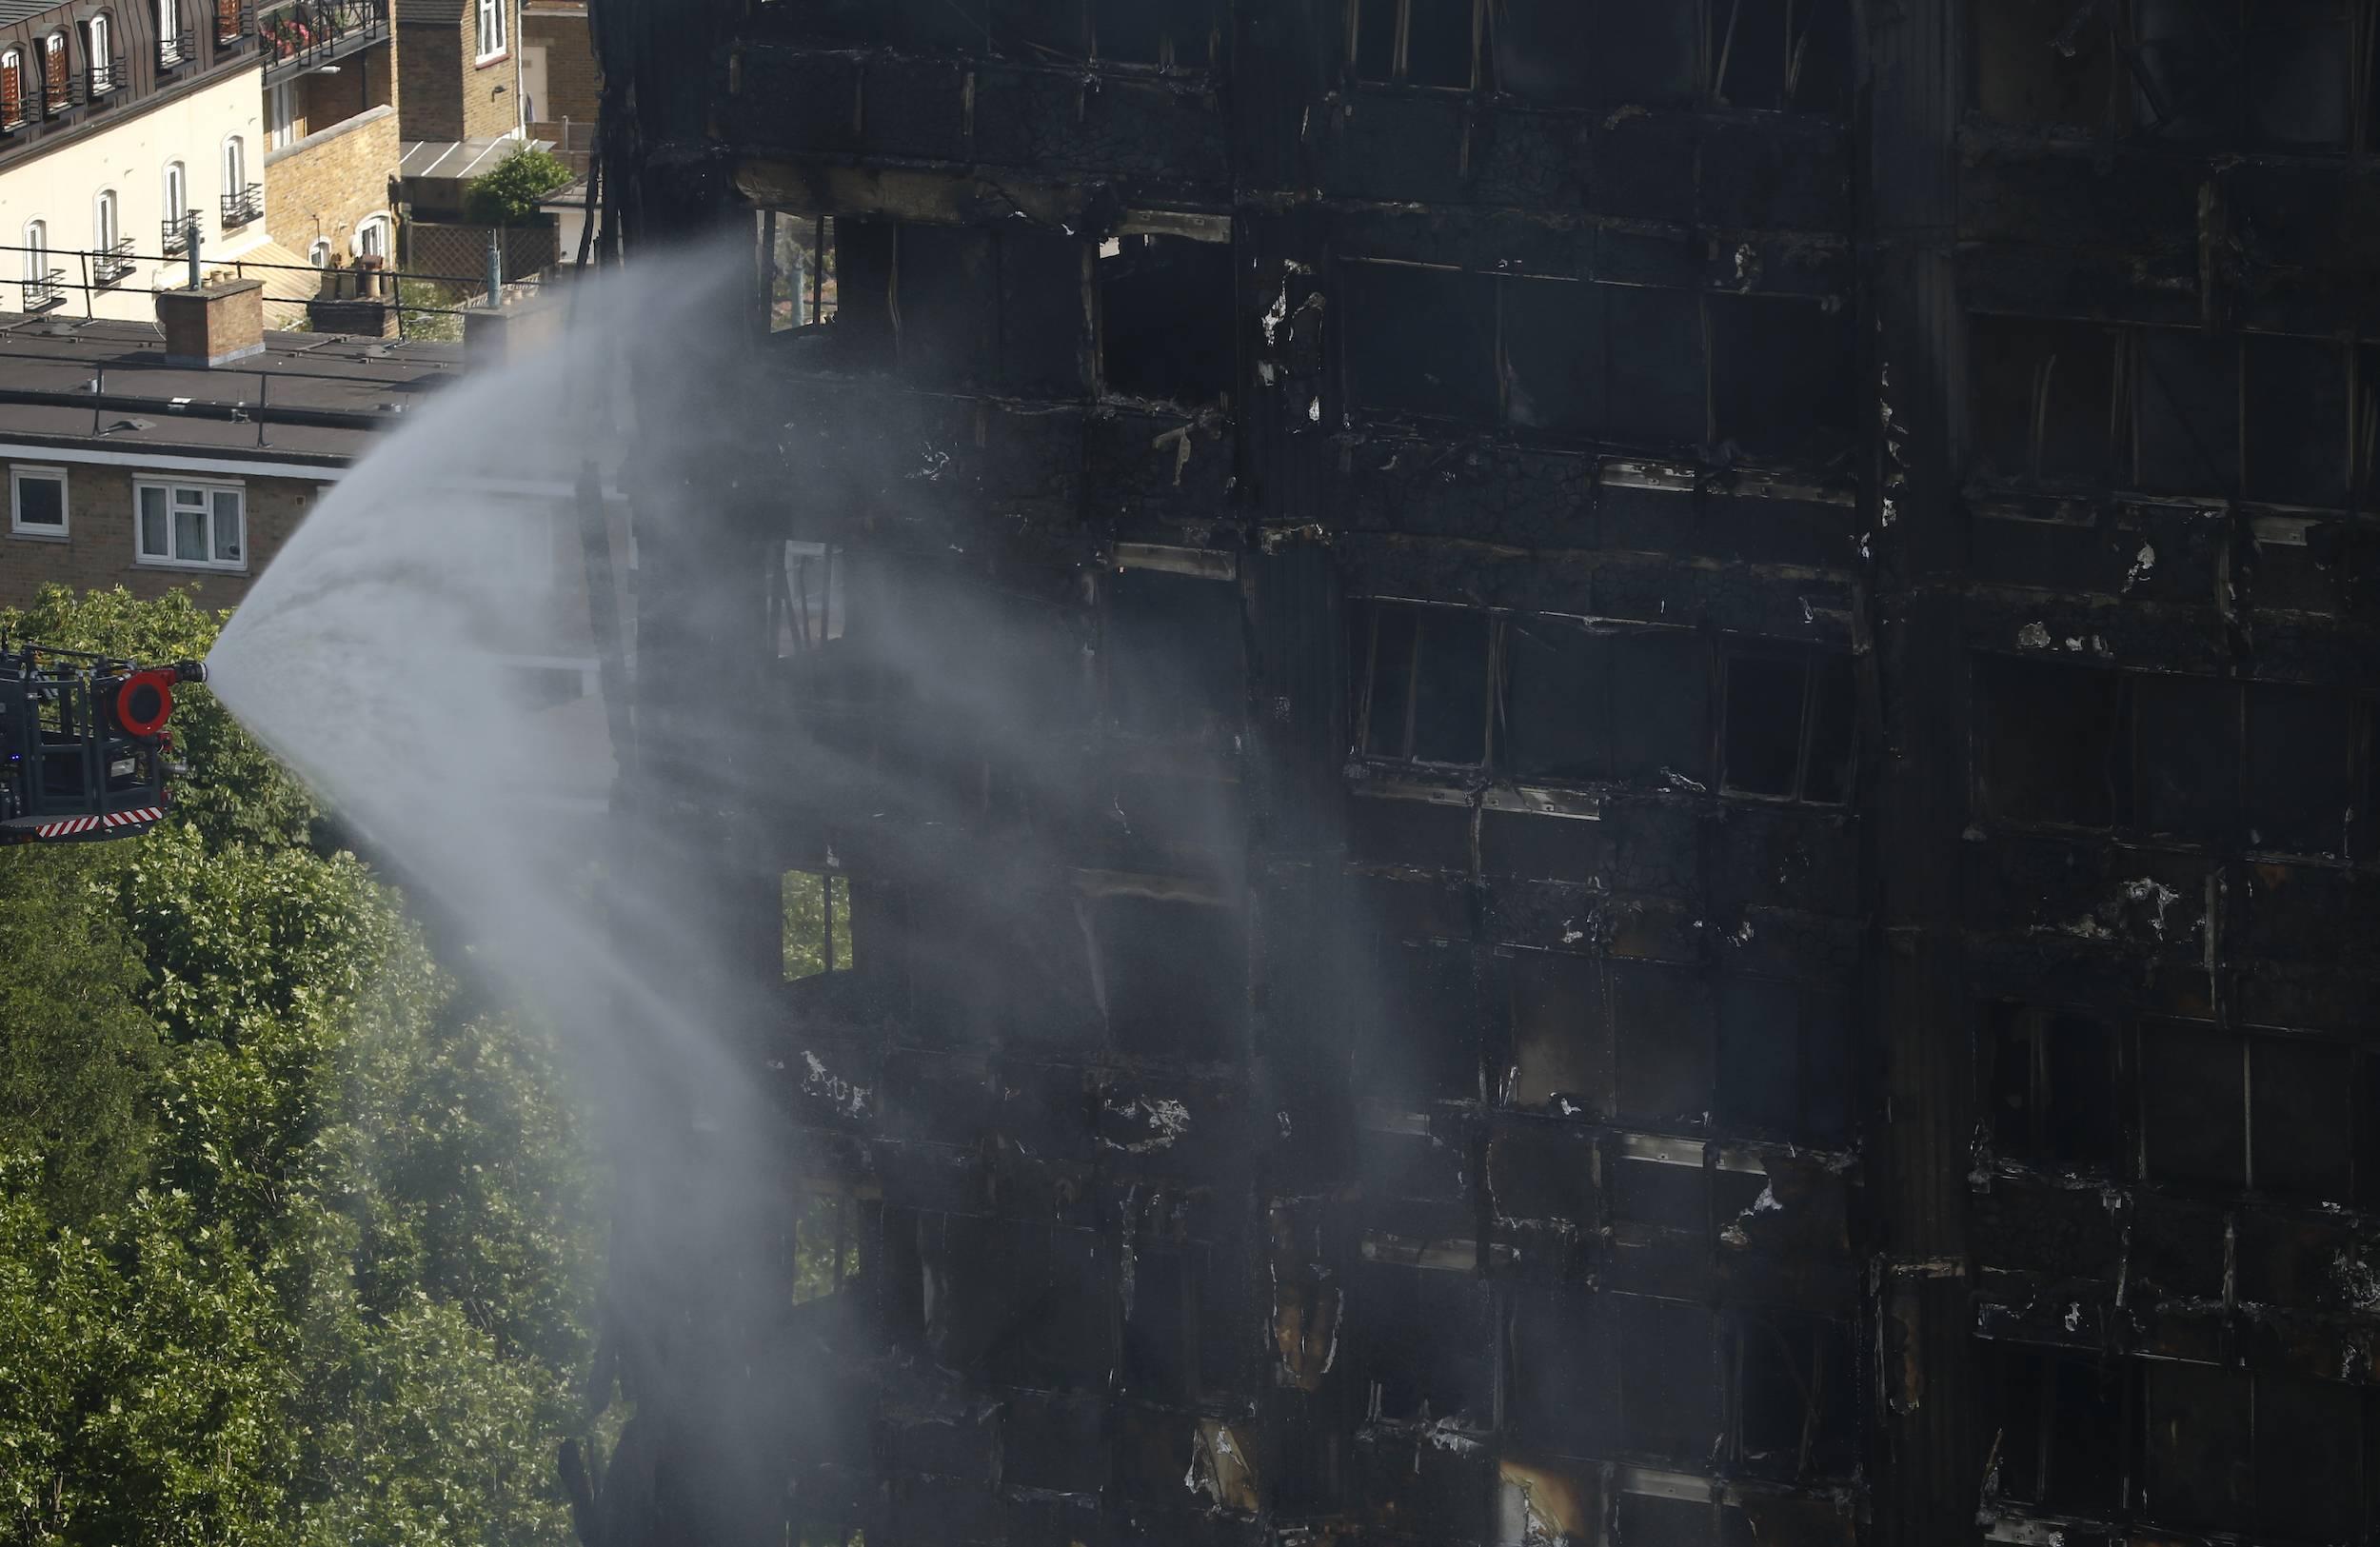 Los bomberos continuaban combatiendo el incendio, 12 horas después de que se registraron las llamas. / Foto: AP